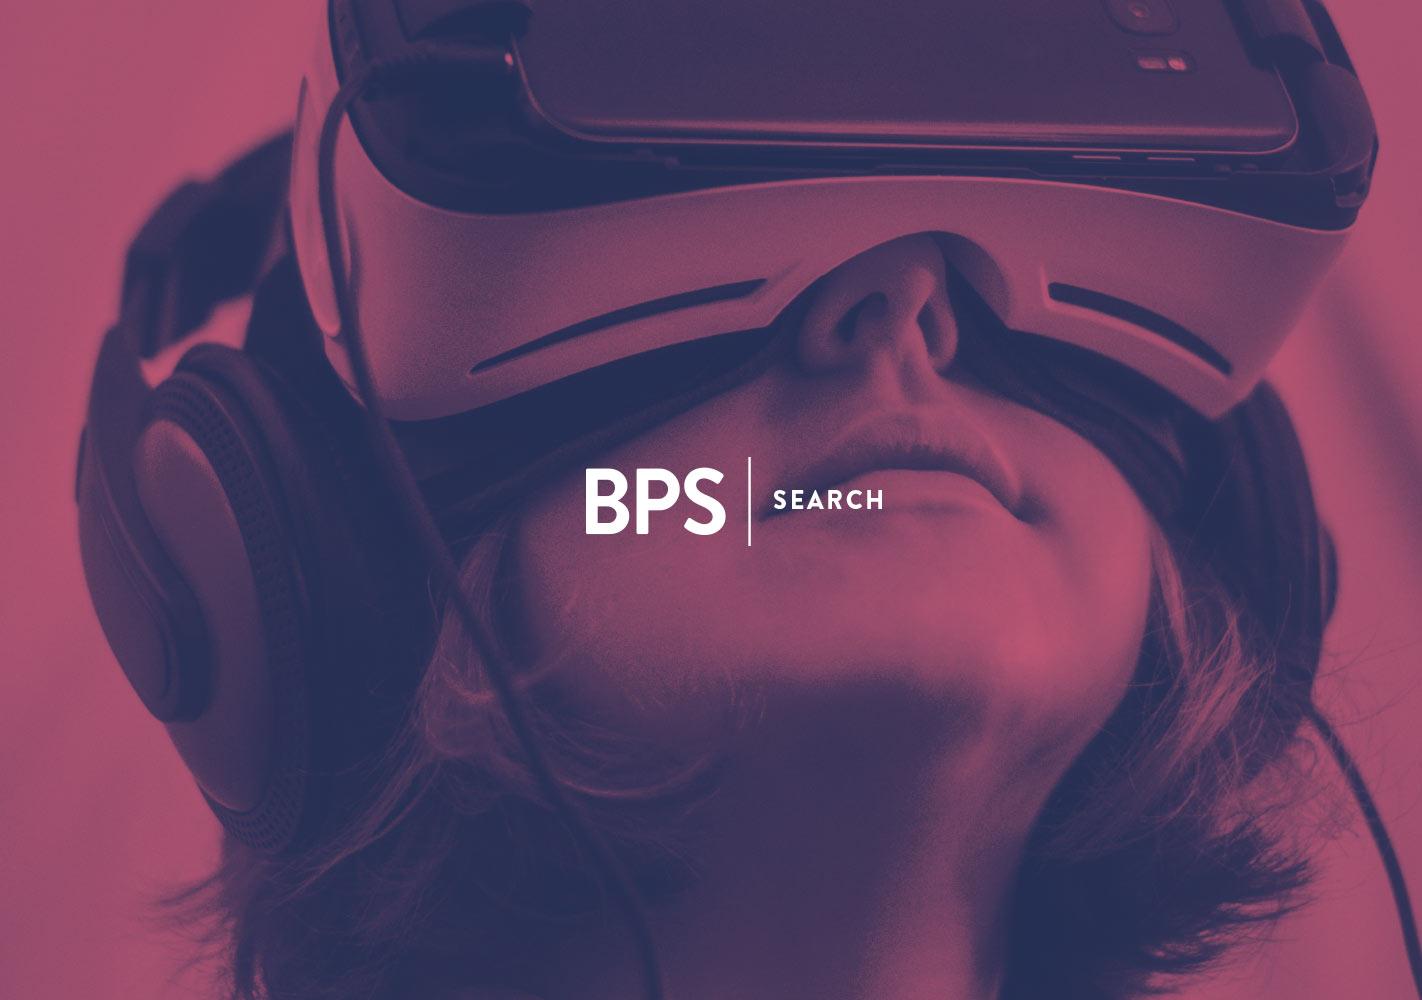 BPS_9